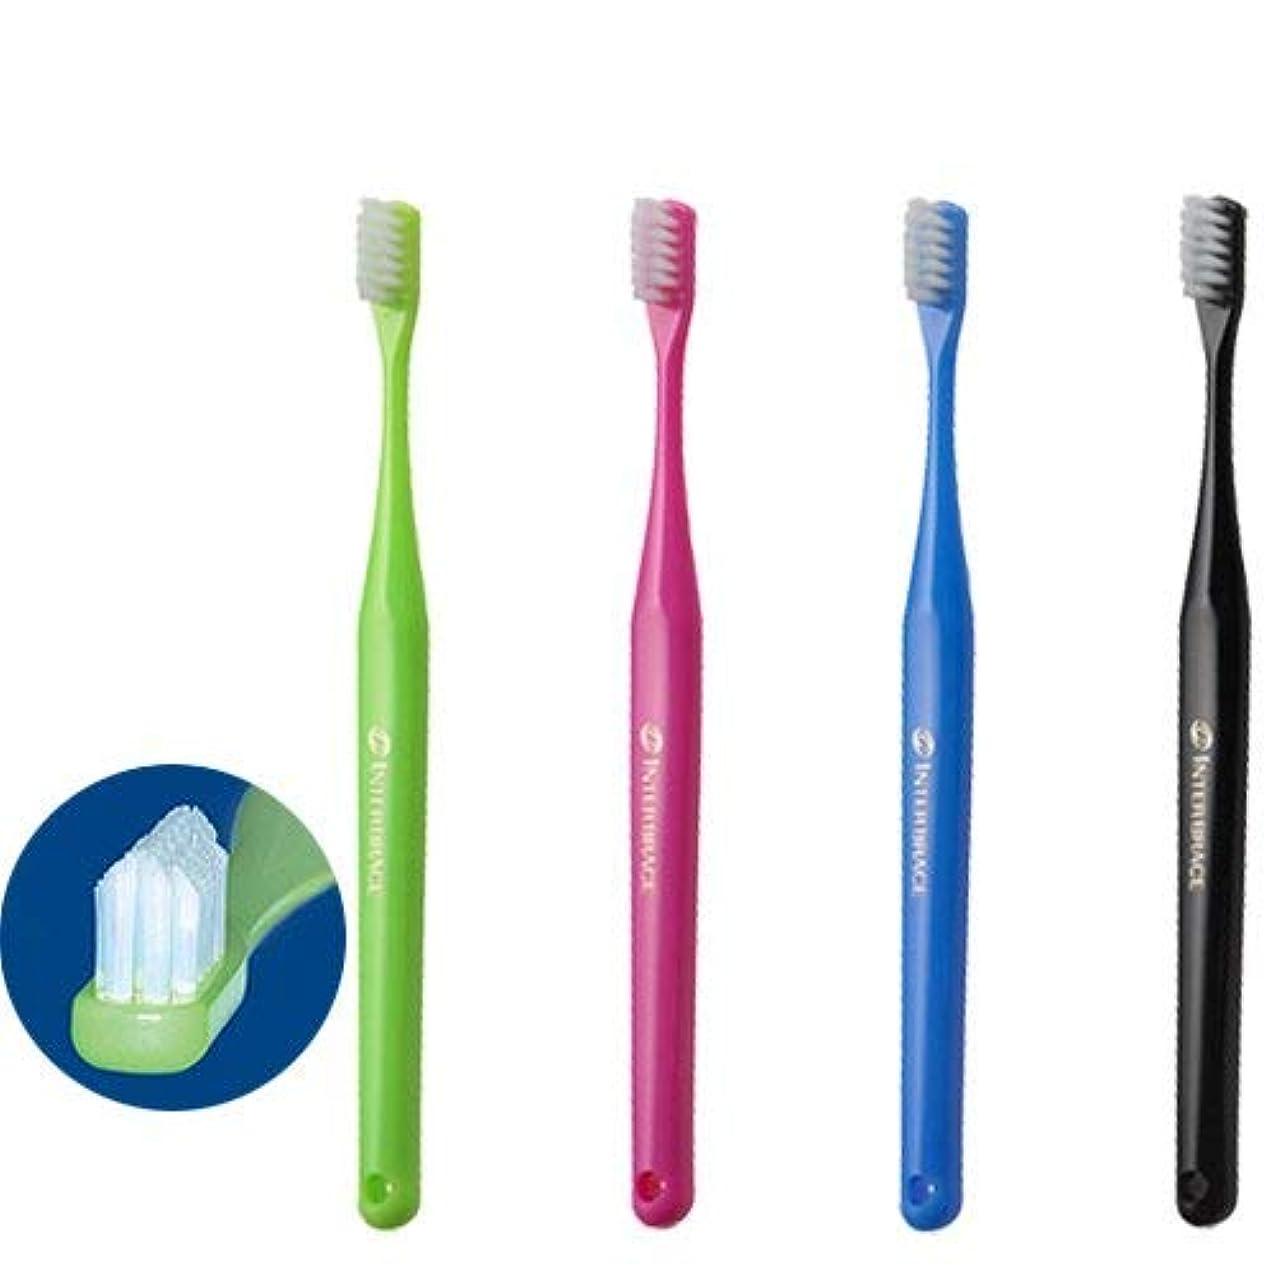 強制恐竜する必要があるインターブレイス (INTER BRACE) ×8本 矯正用歯ブラシ 歯科医院取扱品